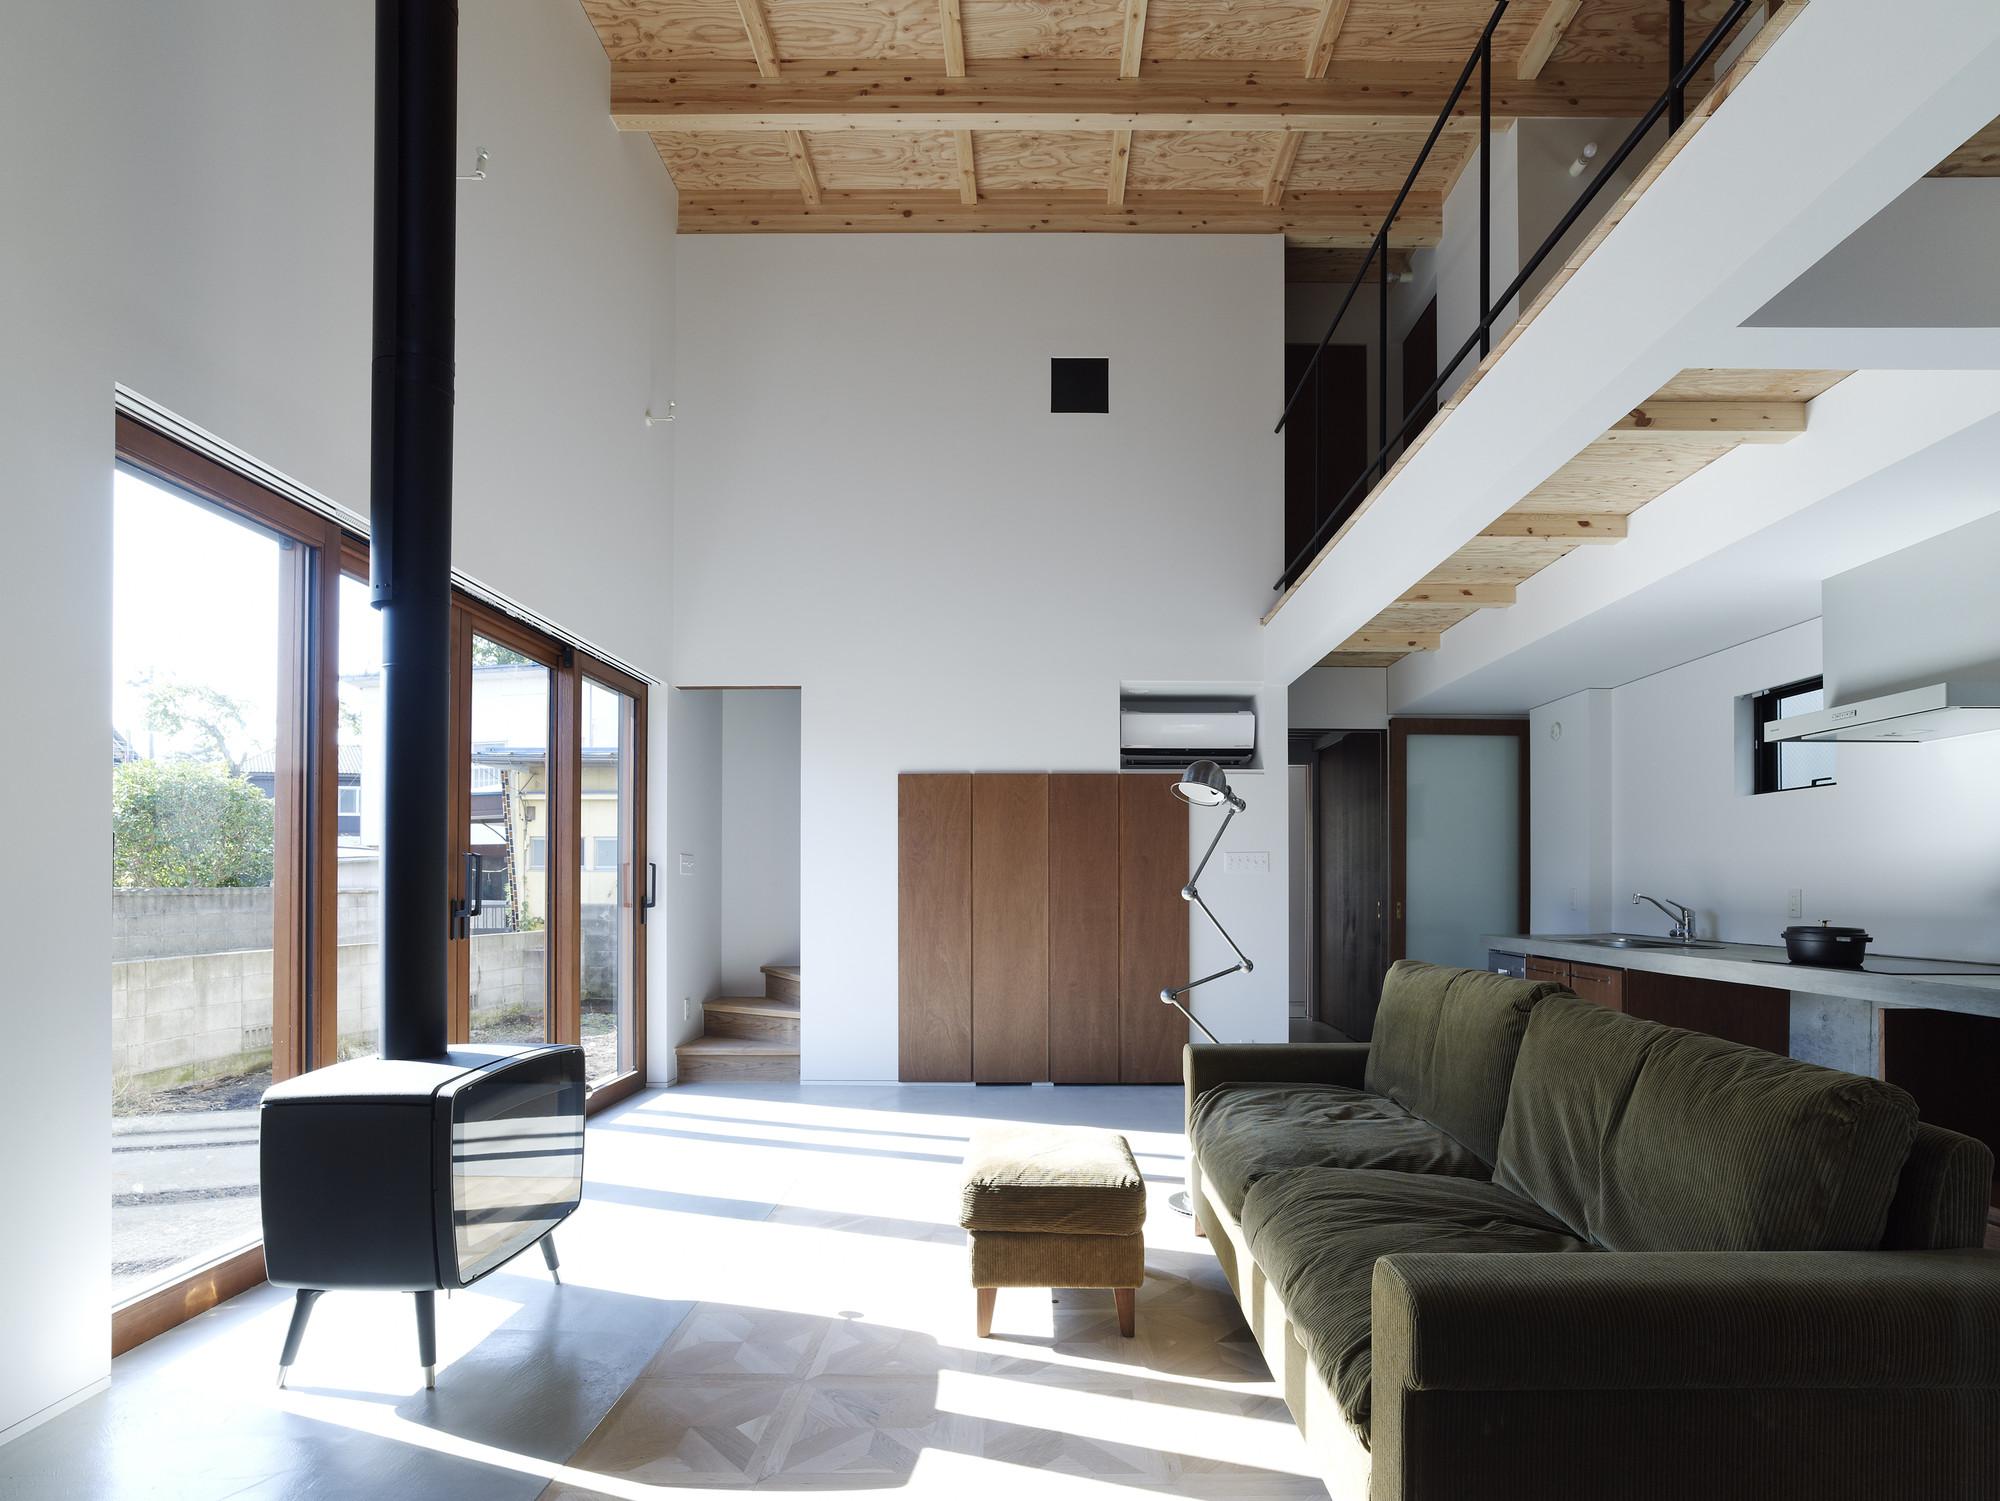 House Higashi-Kubancho / Kazuya Saito Architects, © Yasuhiro Takagi